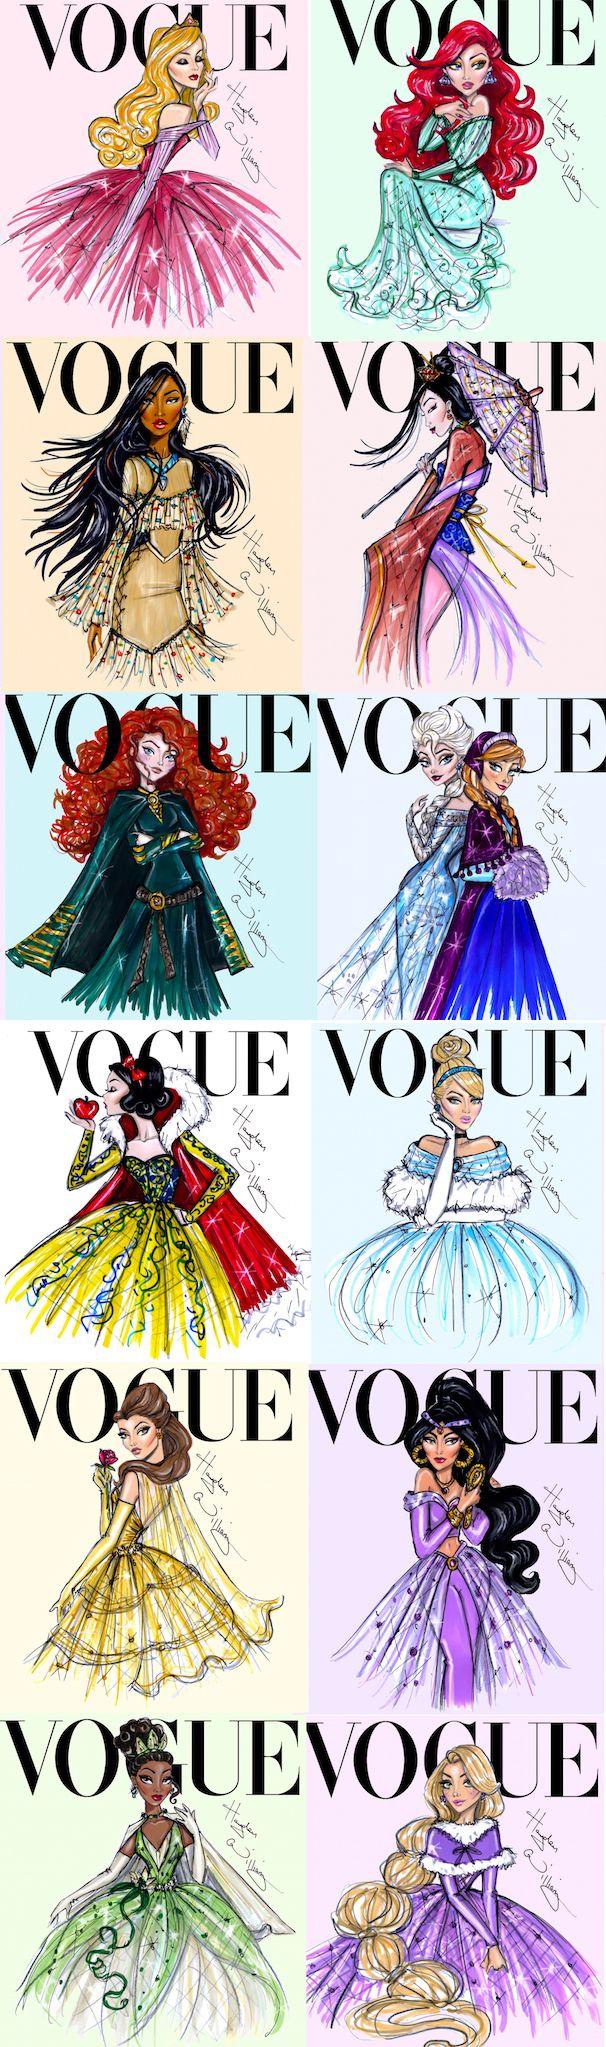 Hayden Williams Disney Princess Vogue.